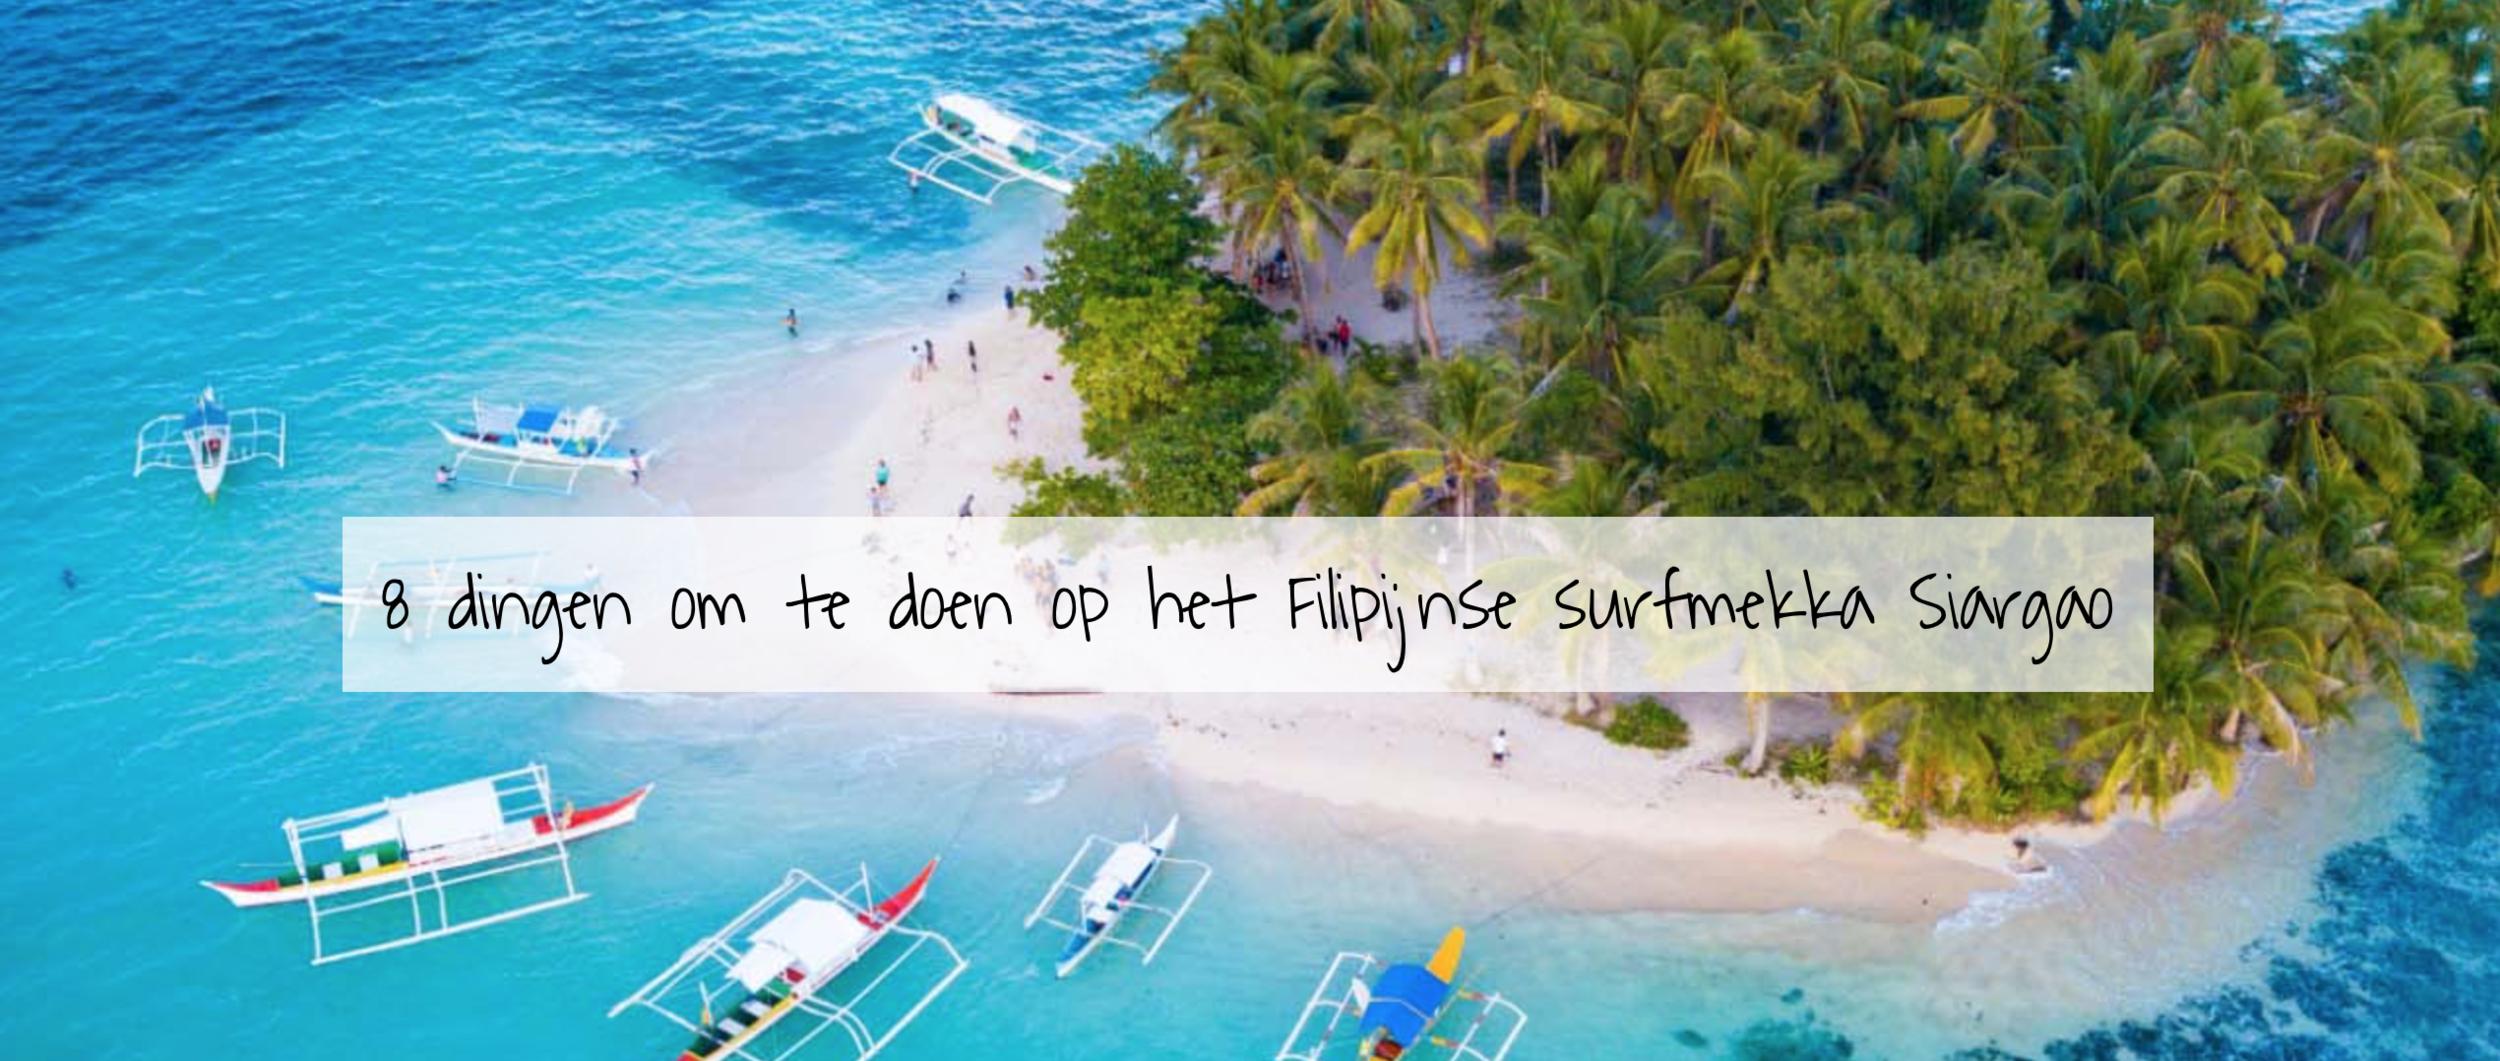 8 dingen om te doen op het Filipijnse surfmekka Siargao - Het eiland Siargao mag dan dé surfhoofdstad van de Filipijnen worden genoemd – het lijkt qua drukte in werkelijk niets op Filipijnse topbestemmingen als El Nido en Coron. Het eiland is dan ook de perfecte plek om te ontsnappen aan het massatoerisme, terwijl er toch genoeg te beleven is – óók voor niet-surfers. Acht dingen die je er kunt doen.